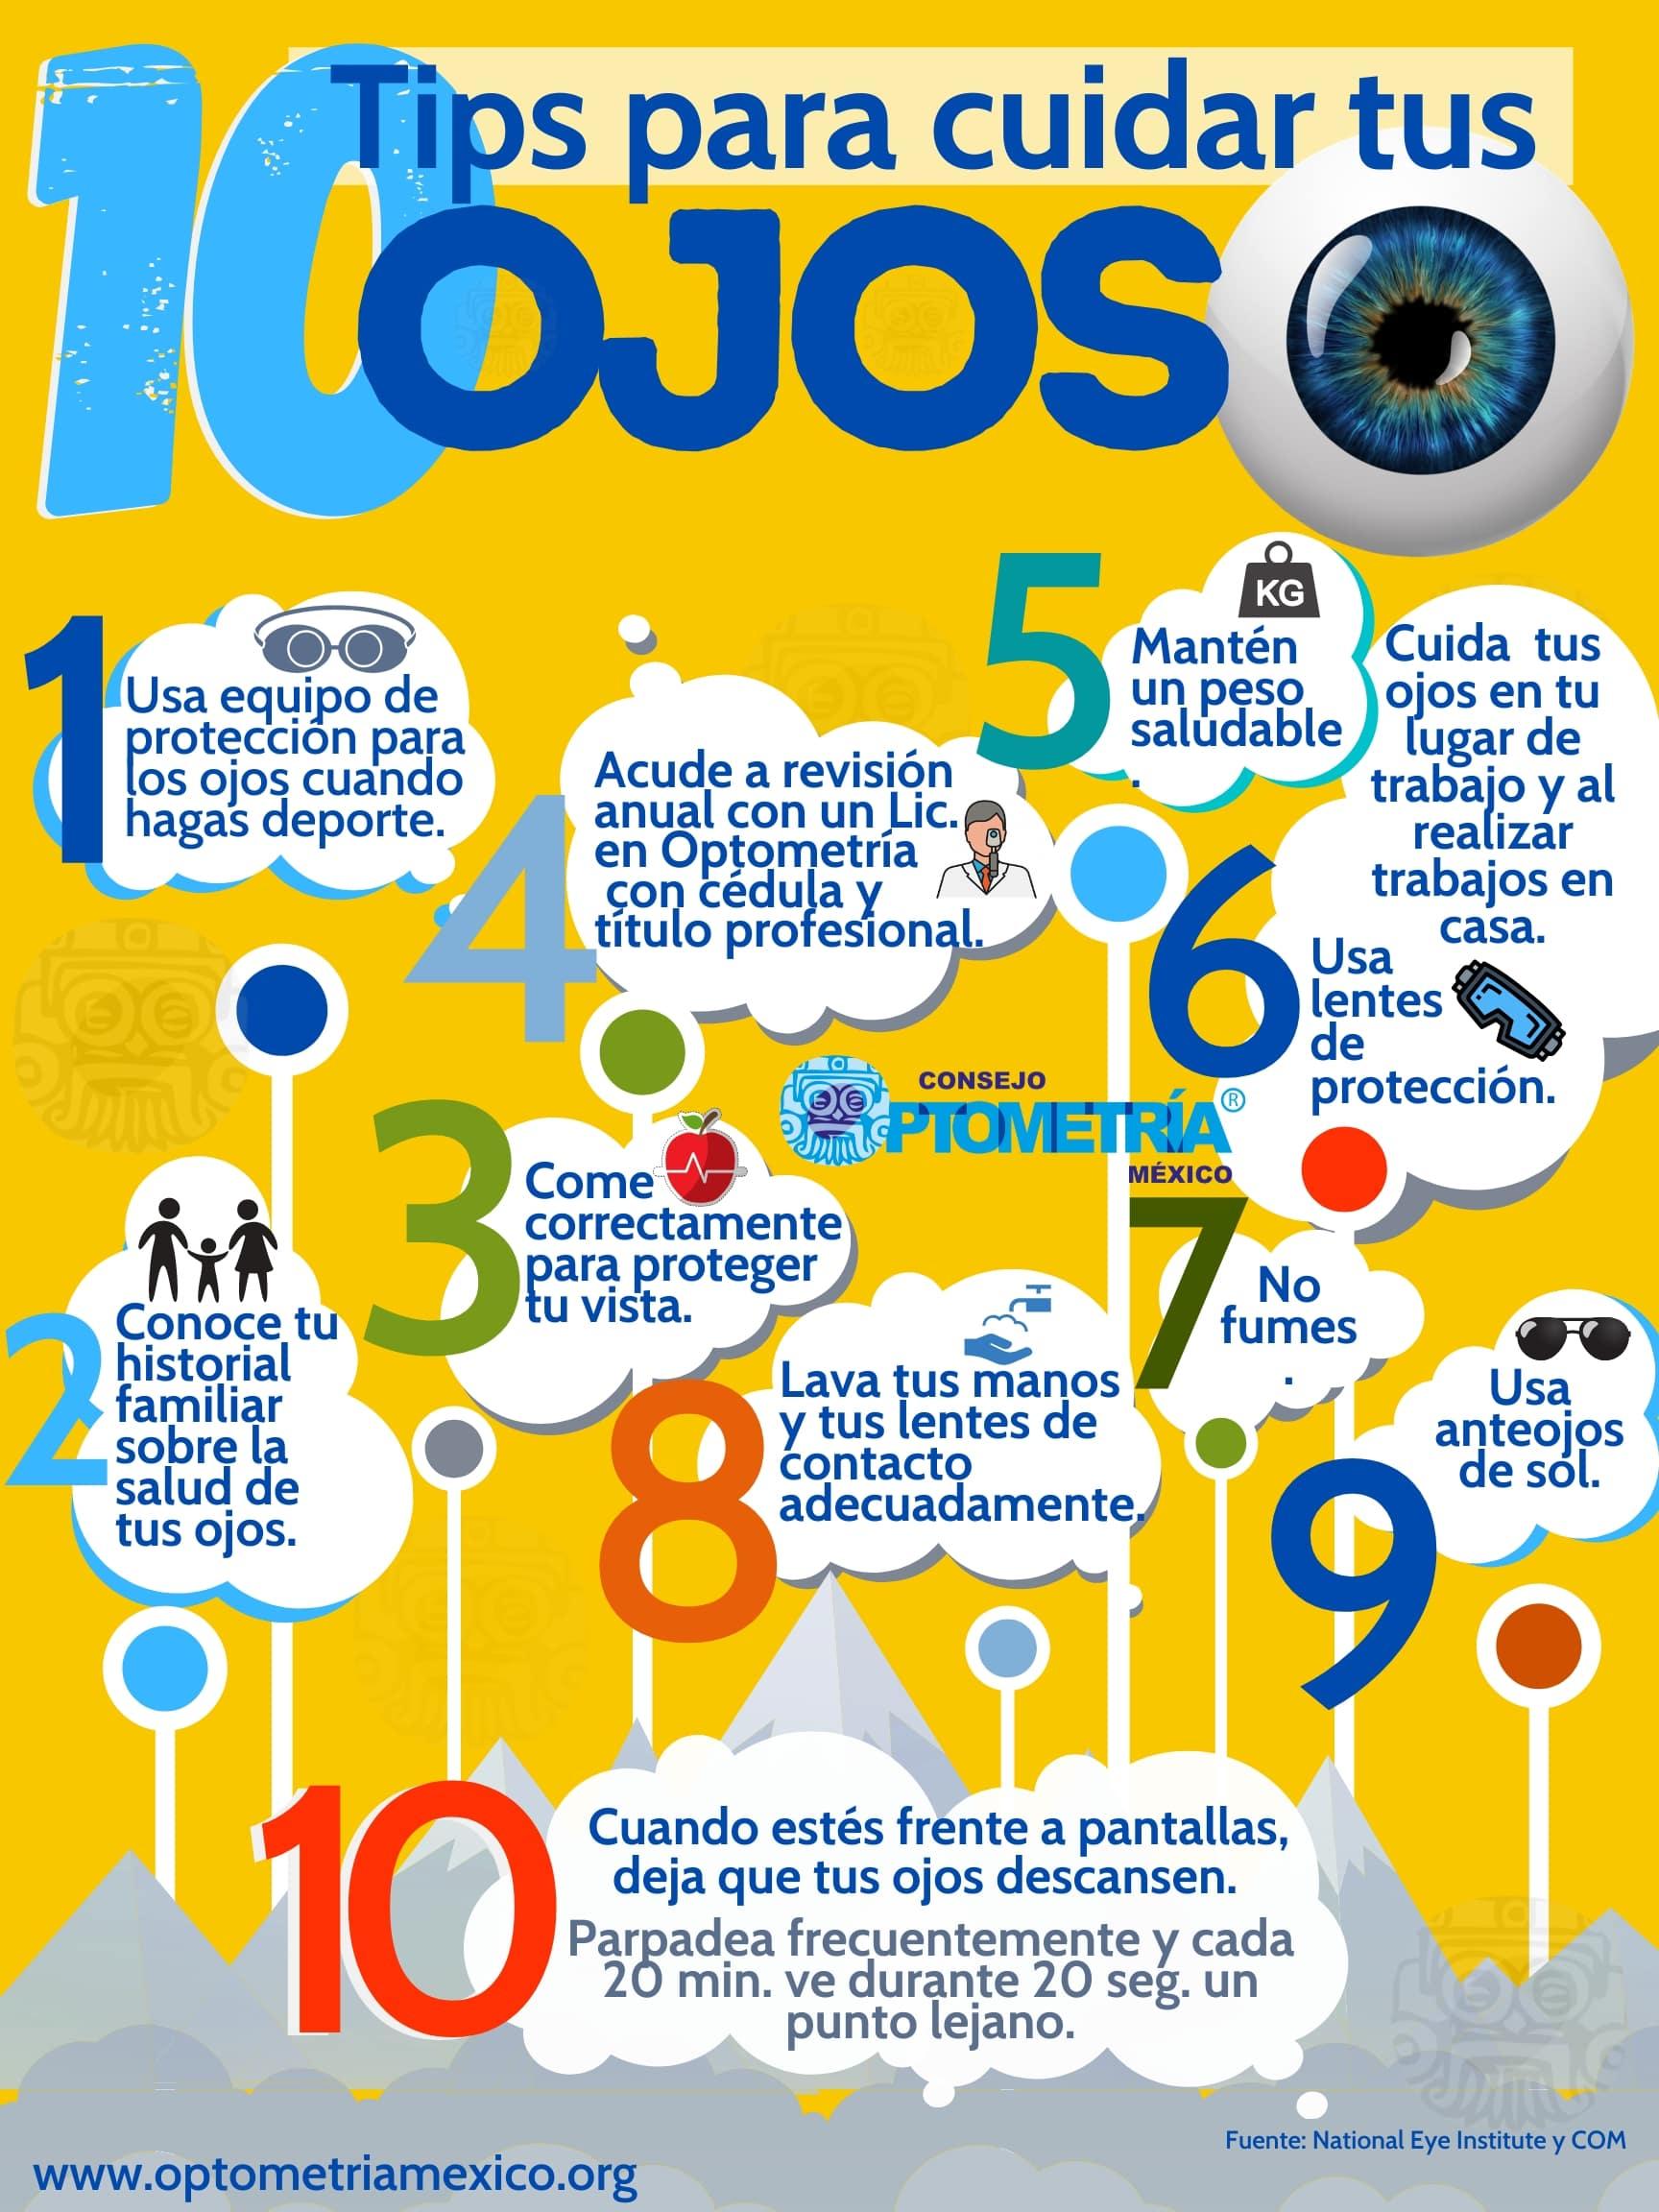 10_Tips_para cuidar_tus_ojos_Consejo_Optometría_México-min